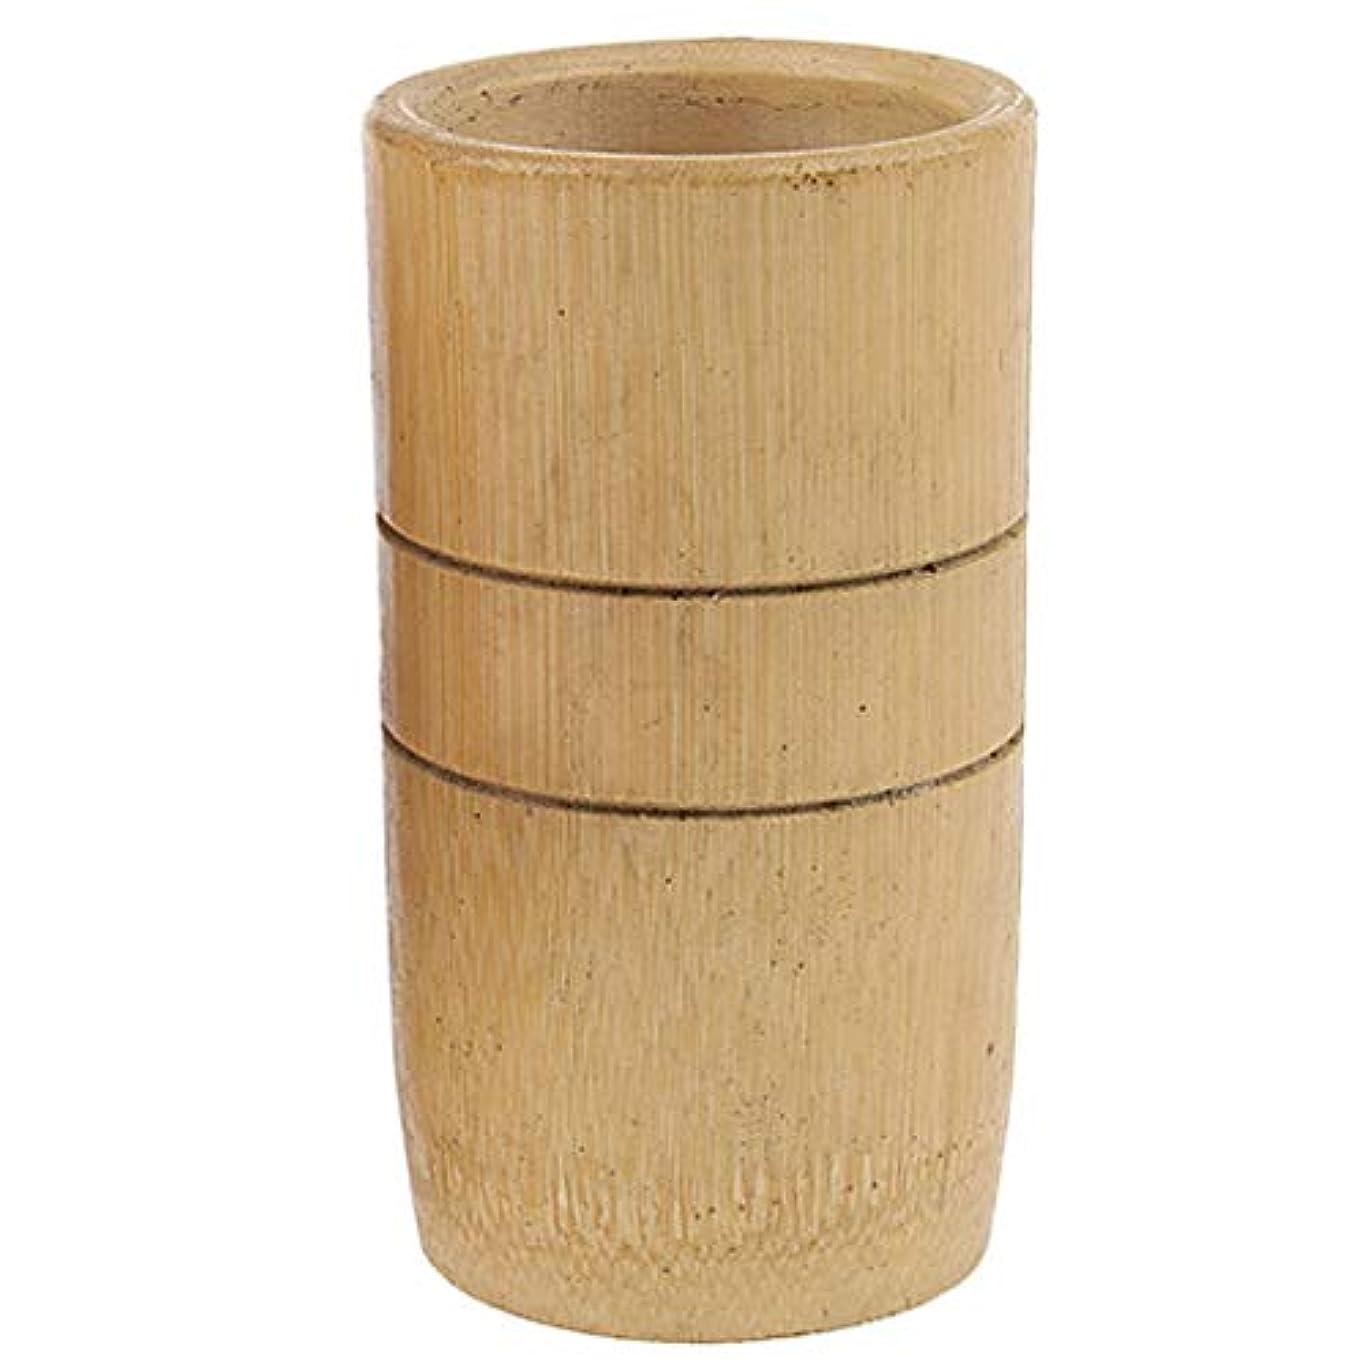 谷サルベージ出身地Hellery 2個 マッサージ吸い玉 カッピング 天然竹製 全身マッサージ用 血流促進